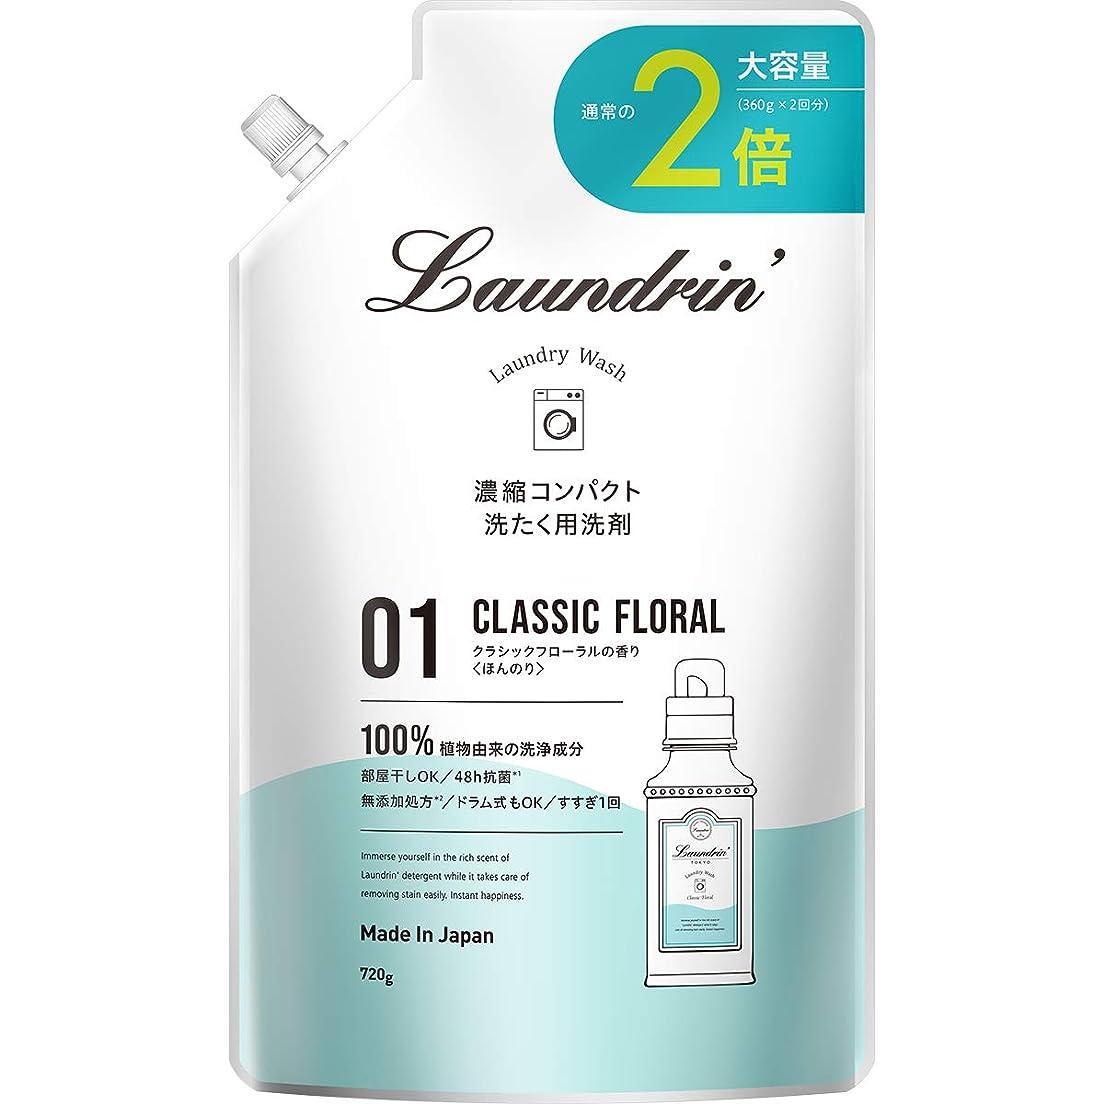 決して仲介者防衛ランドリン WASH 洗濯洗剤 濃縮液体 大容量 クラシックフローラル 詰め替え 2倍 720g